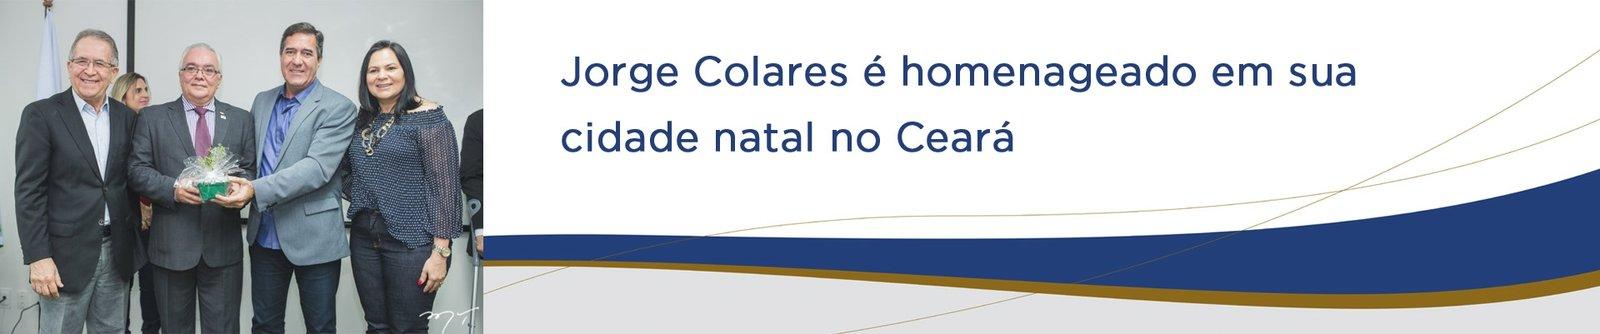 Ex vice-presidente da Fecomércio-PA, Jorge Colares é homenageado em sua cidade natal no Ceará